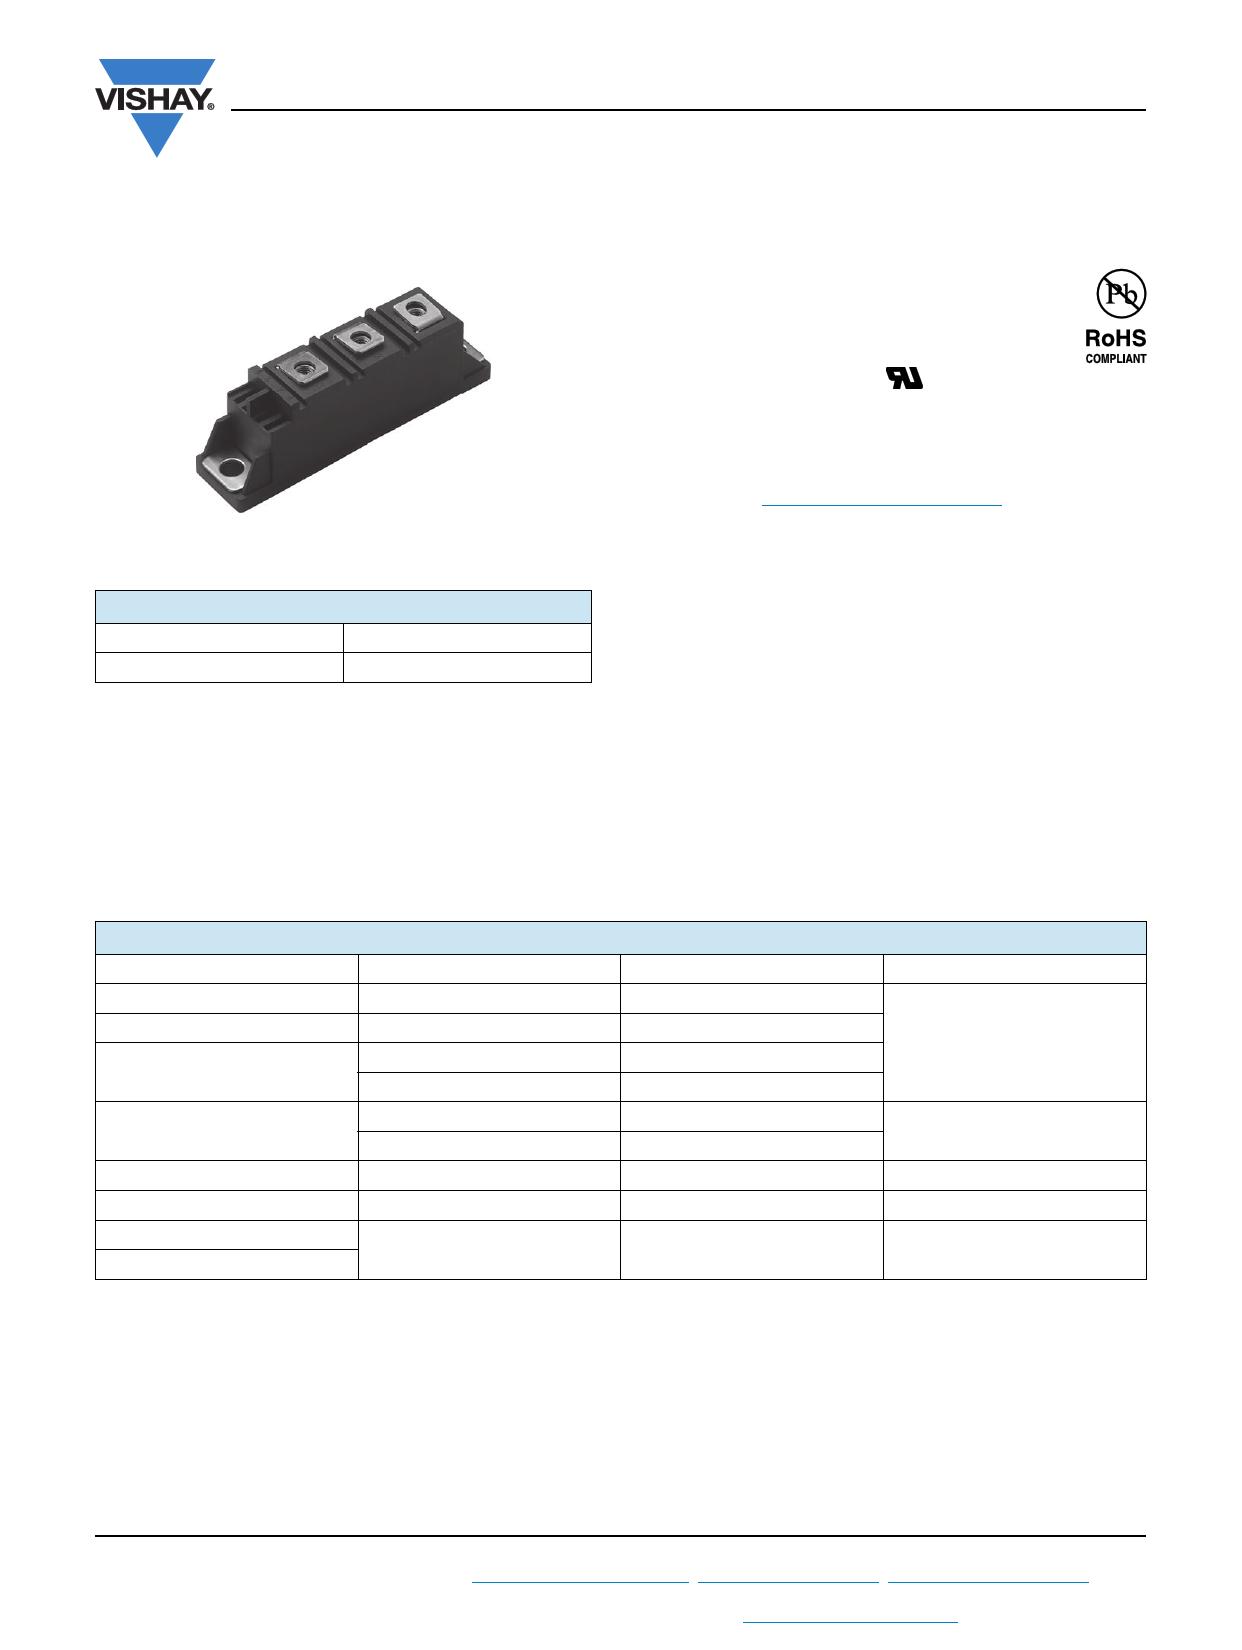 VSKJ91-16P Datasheet, VSKJ91-16P PDF,ピン配置, 機能